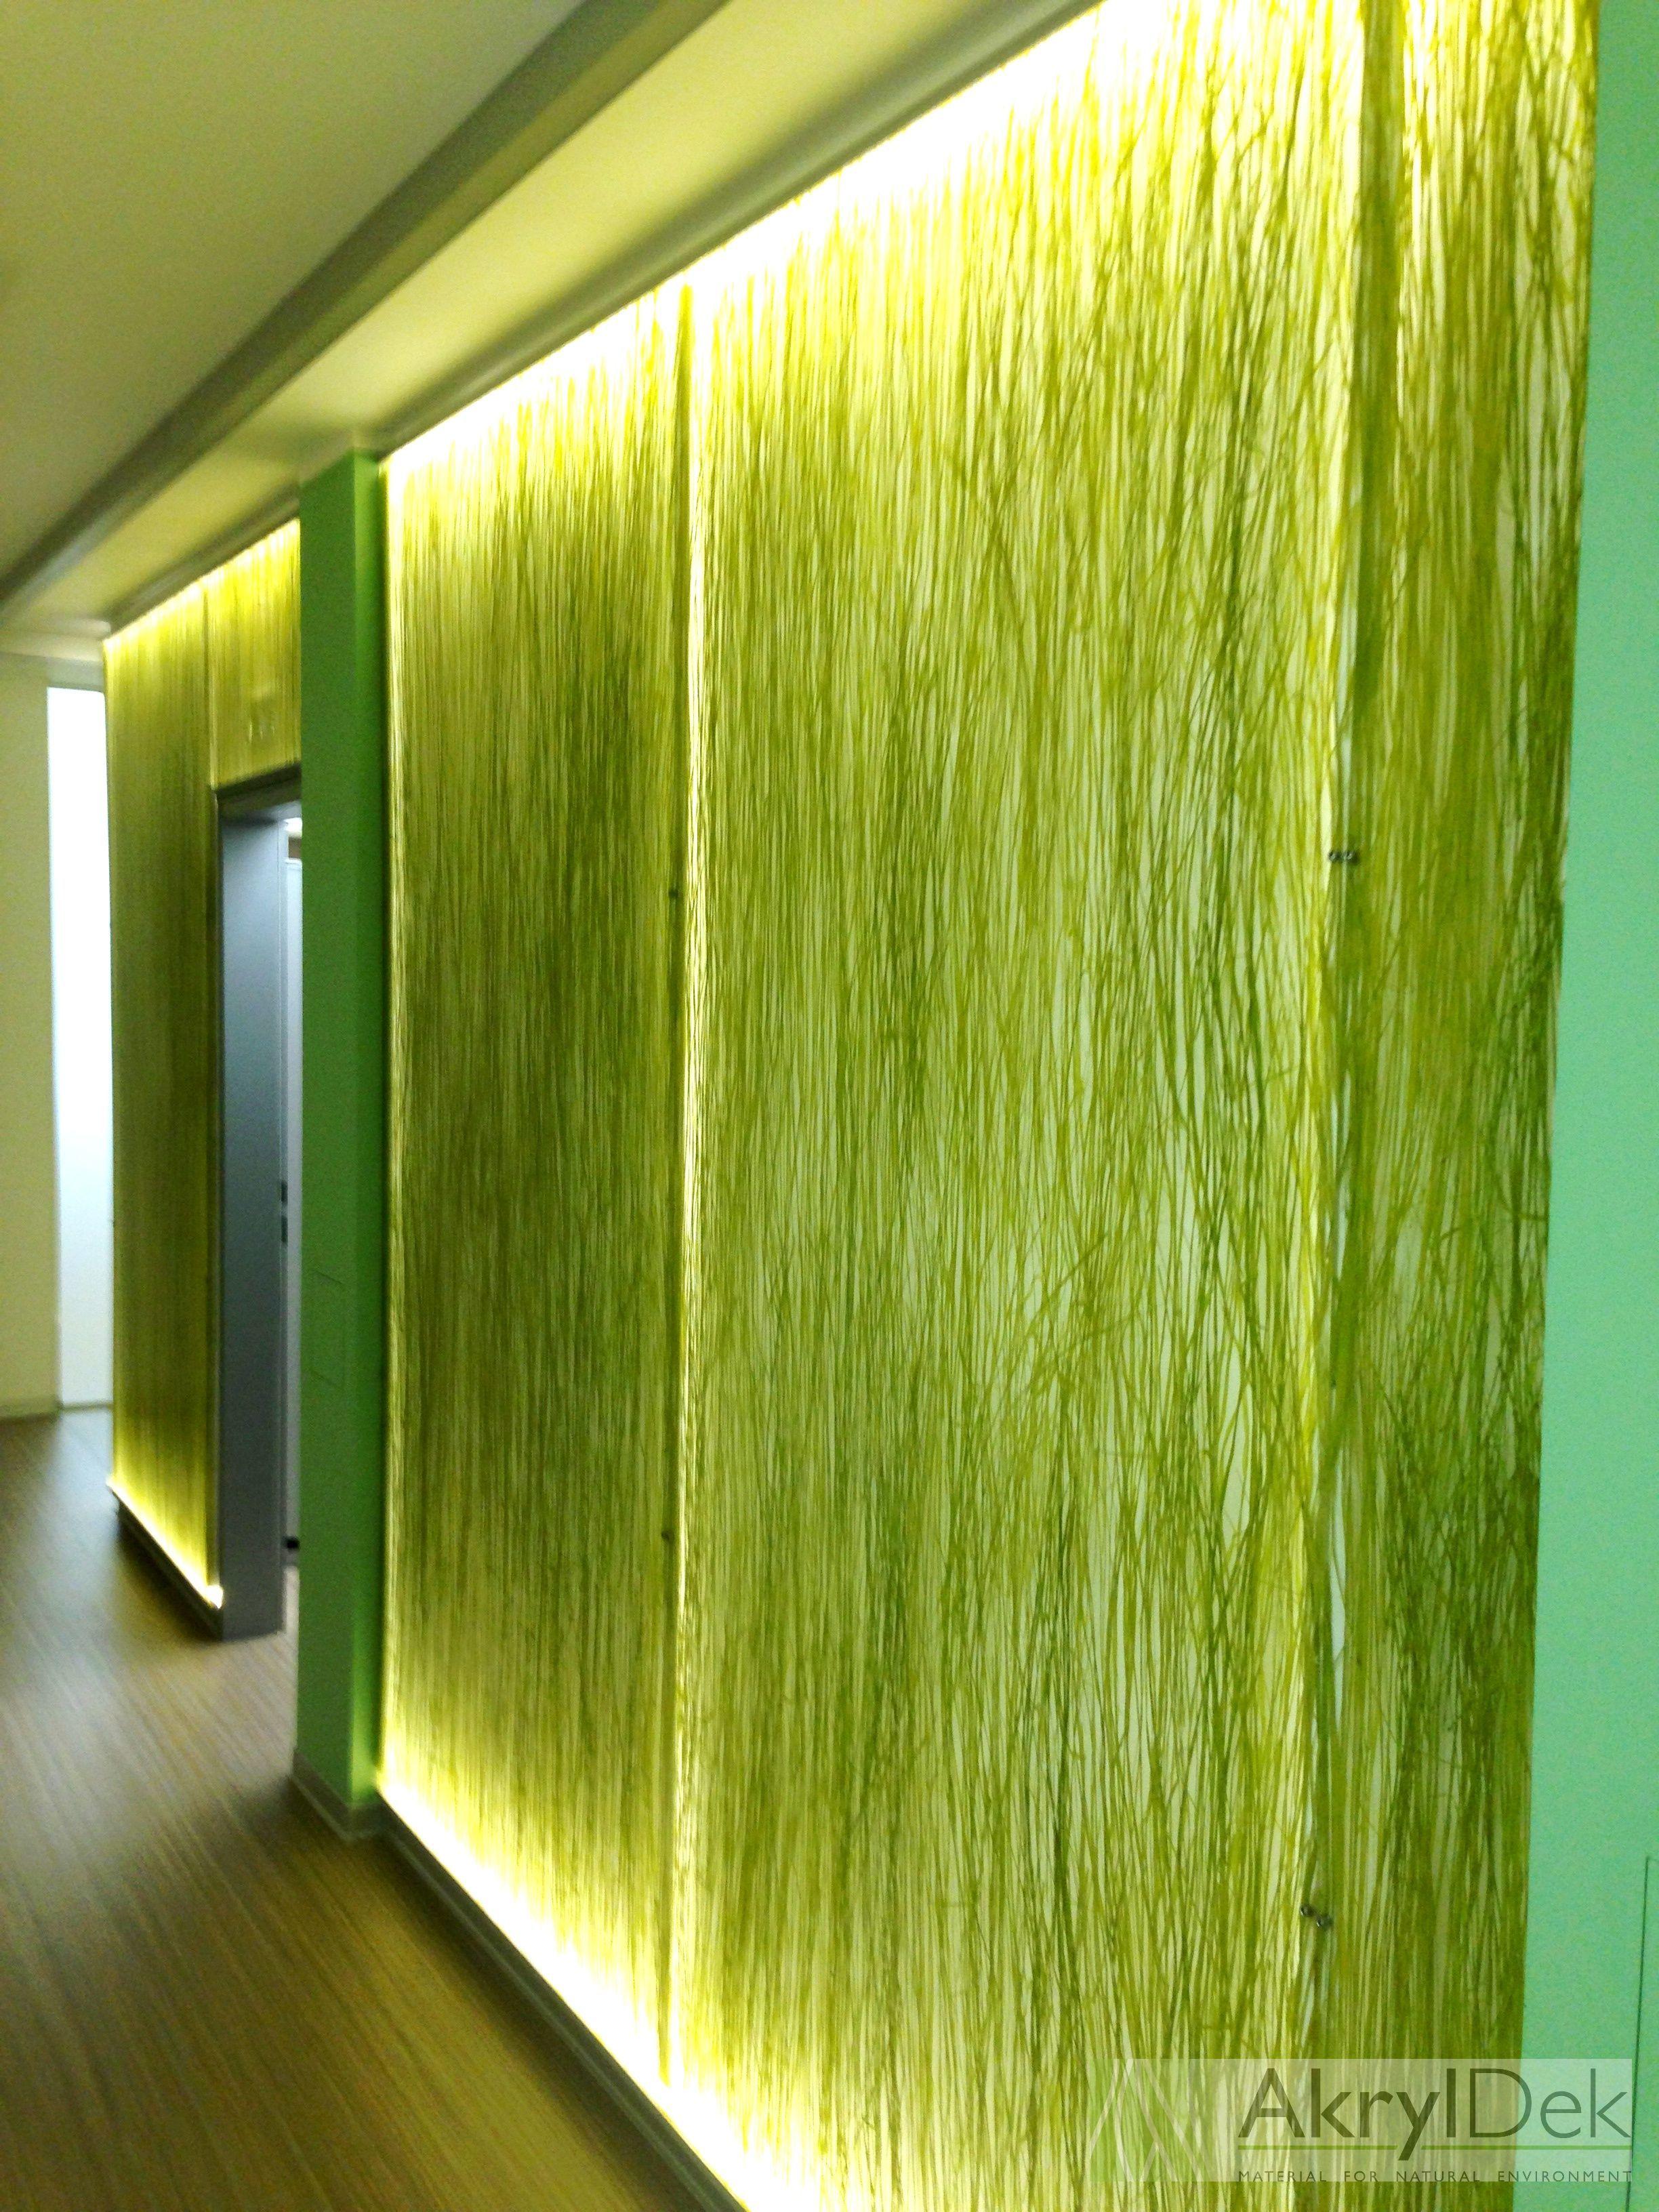 Wall Panel Decoration With Organic Grass Wall Panels Decoration Design Decor Paneling Ideas Resin Acrilic Glass P Dekor Haus Deko Verkleidung Wande